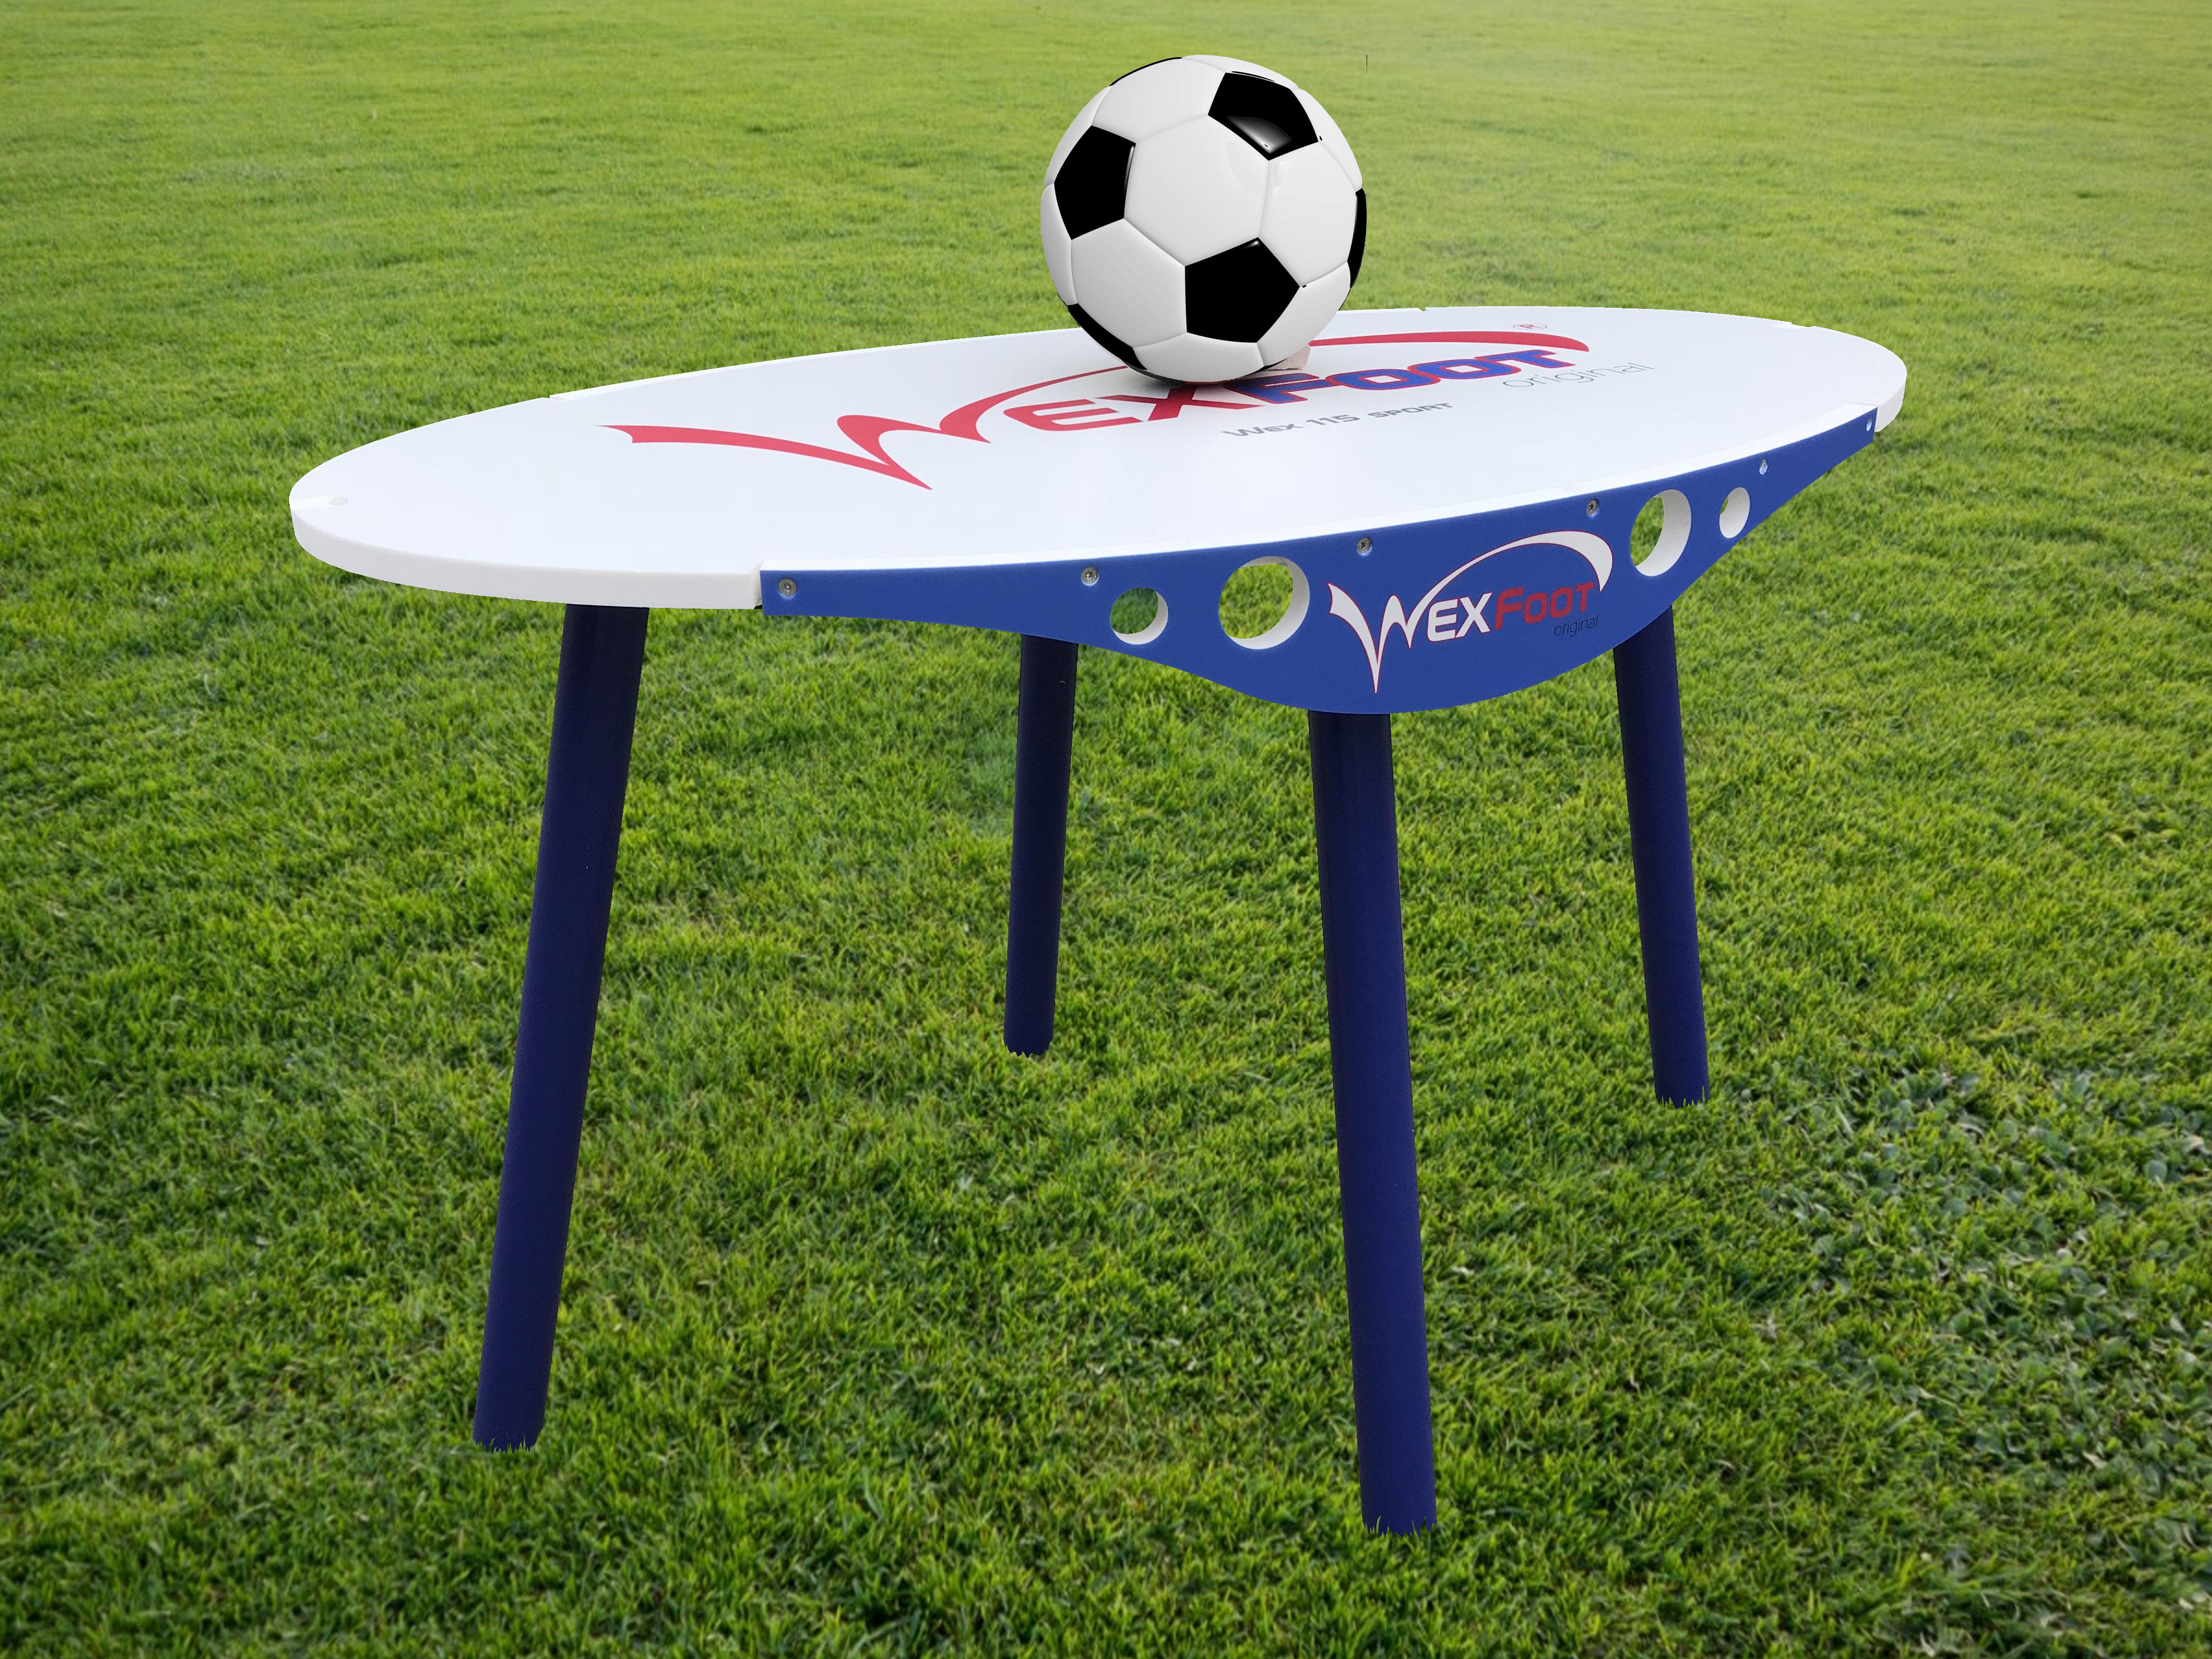 Wex 115 Sport Foot 219 €